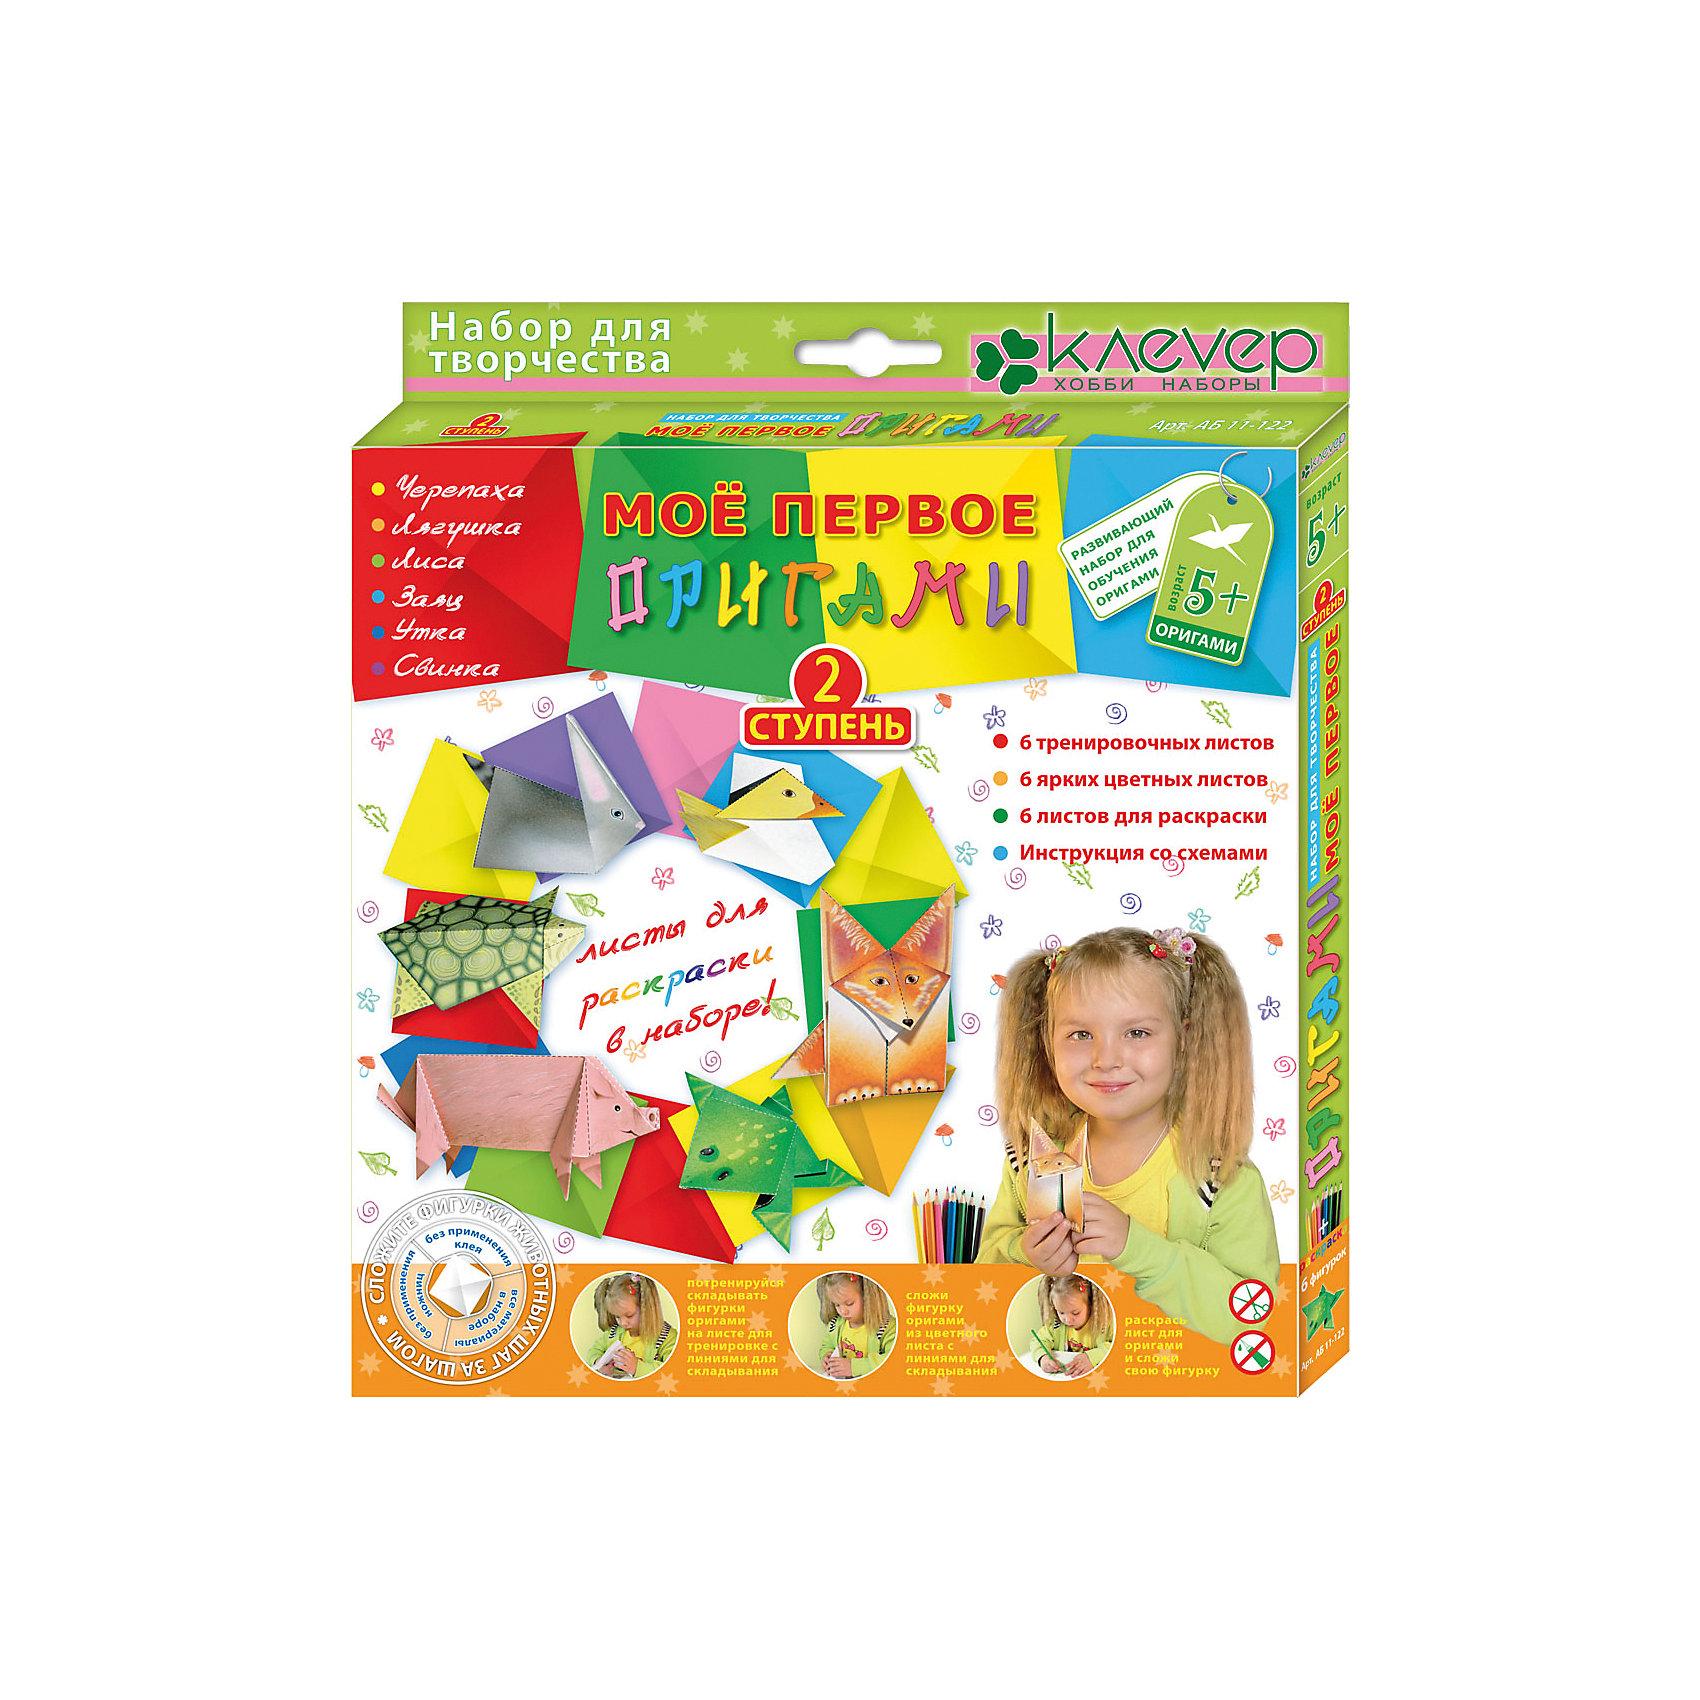 Набор для изготовления фигурок Мое первое оригами 2-ая ступеньРукоделие<br>Характеристики:<br><br>• Коллекция: оригами<br>• Тематика: дикие и домашние животные <br>• Уровень сложности: средний<br>• Материал: бумага<br>• Комплектация:тренировочные листы, цветные листы, листы для раскраски, тест-лист, брошюра-инструкция<br>• Размеры (Д*Ш*В): 20,7*22,7*17 см<br>• Вес: 100 г <br>• Упаковка: картонная коробка<br><br>Набор для изготовления фигурок Мое первое оригами 2-ая ступень состоит из набора листов, презназначенных для освоения приемов складывания фигурок. В комплекте предусмотрены тренировочные листы, листы для раскрашивания и цветные листы. На каждый лист нанесены пунктирные линии, которые облегчают процесс обучения оригами.<br><br>Набор для изготовления фигурок Мое первое оригами 2-ая ступень можно купить в нашем интернет-магазине.<br><br>Ширина мм: 207<br>Глубина мм: 227<br>Высота мм: 170<br>Вес г: 100<br>Возраст от месяцев: 60<br>Возраст до месяцев: 144<br>Пол: Унисекс<br>Возраст: Детский<br>SKU: 5541593